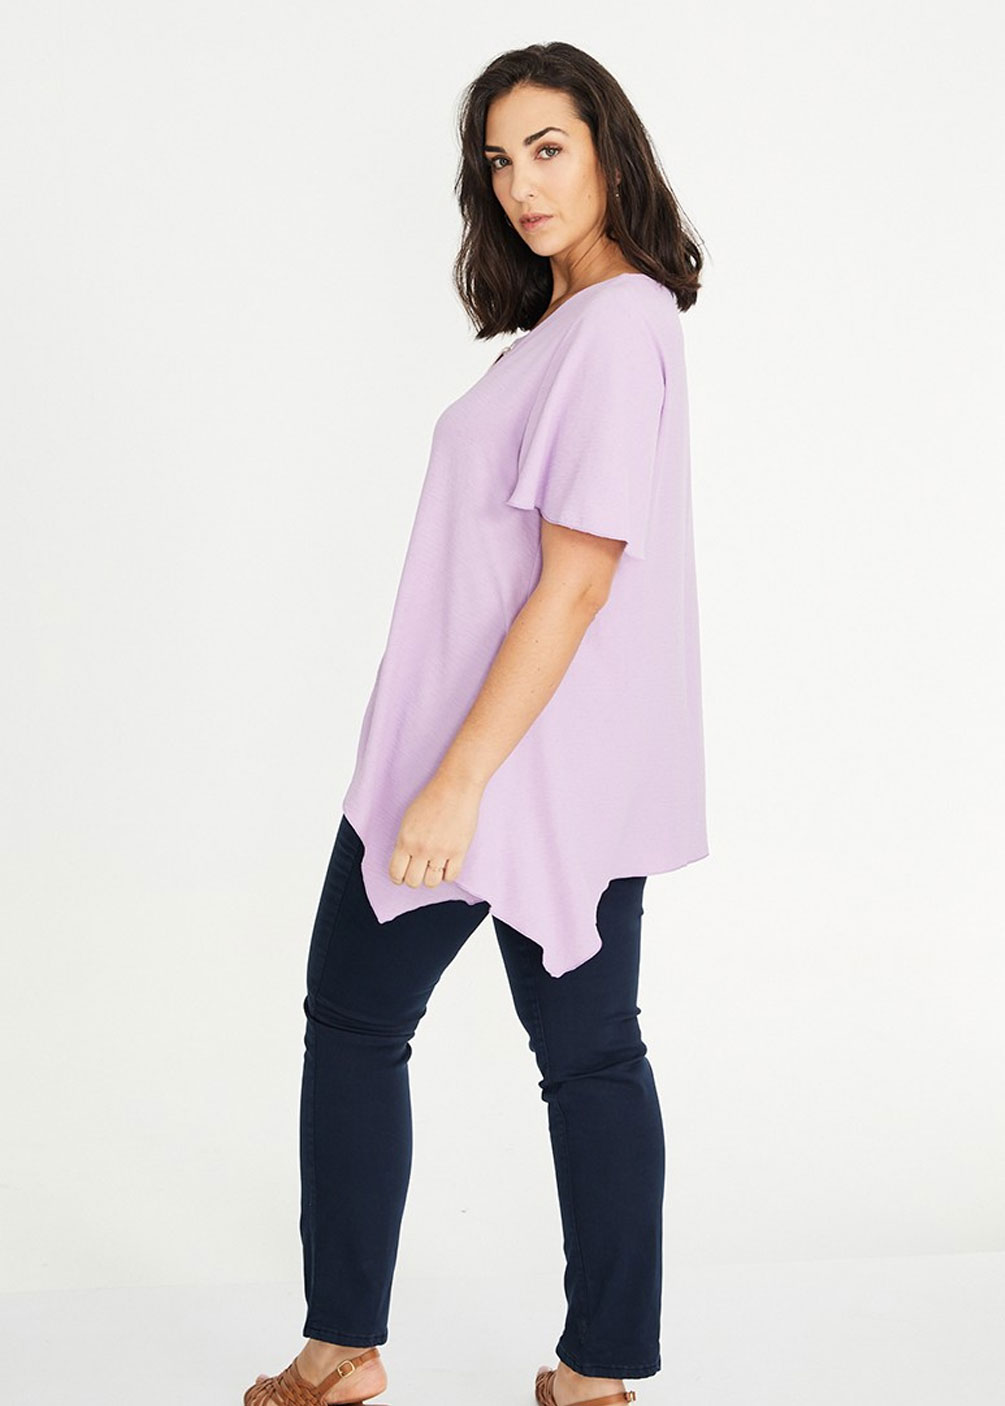 tunica camisa blusa tallas grandes spg verano 2021